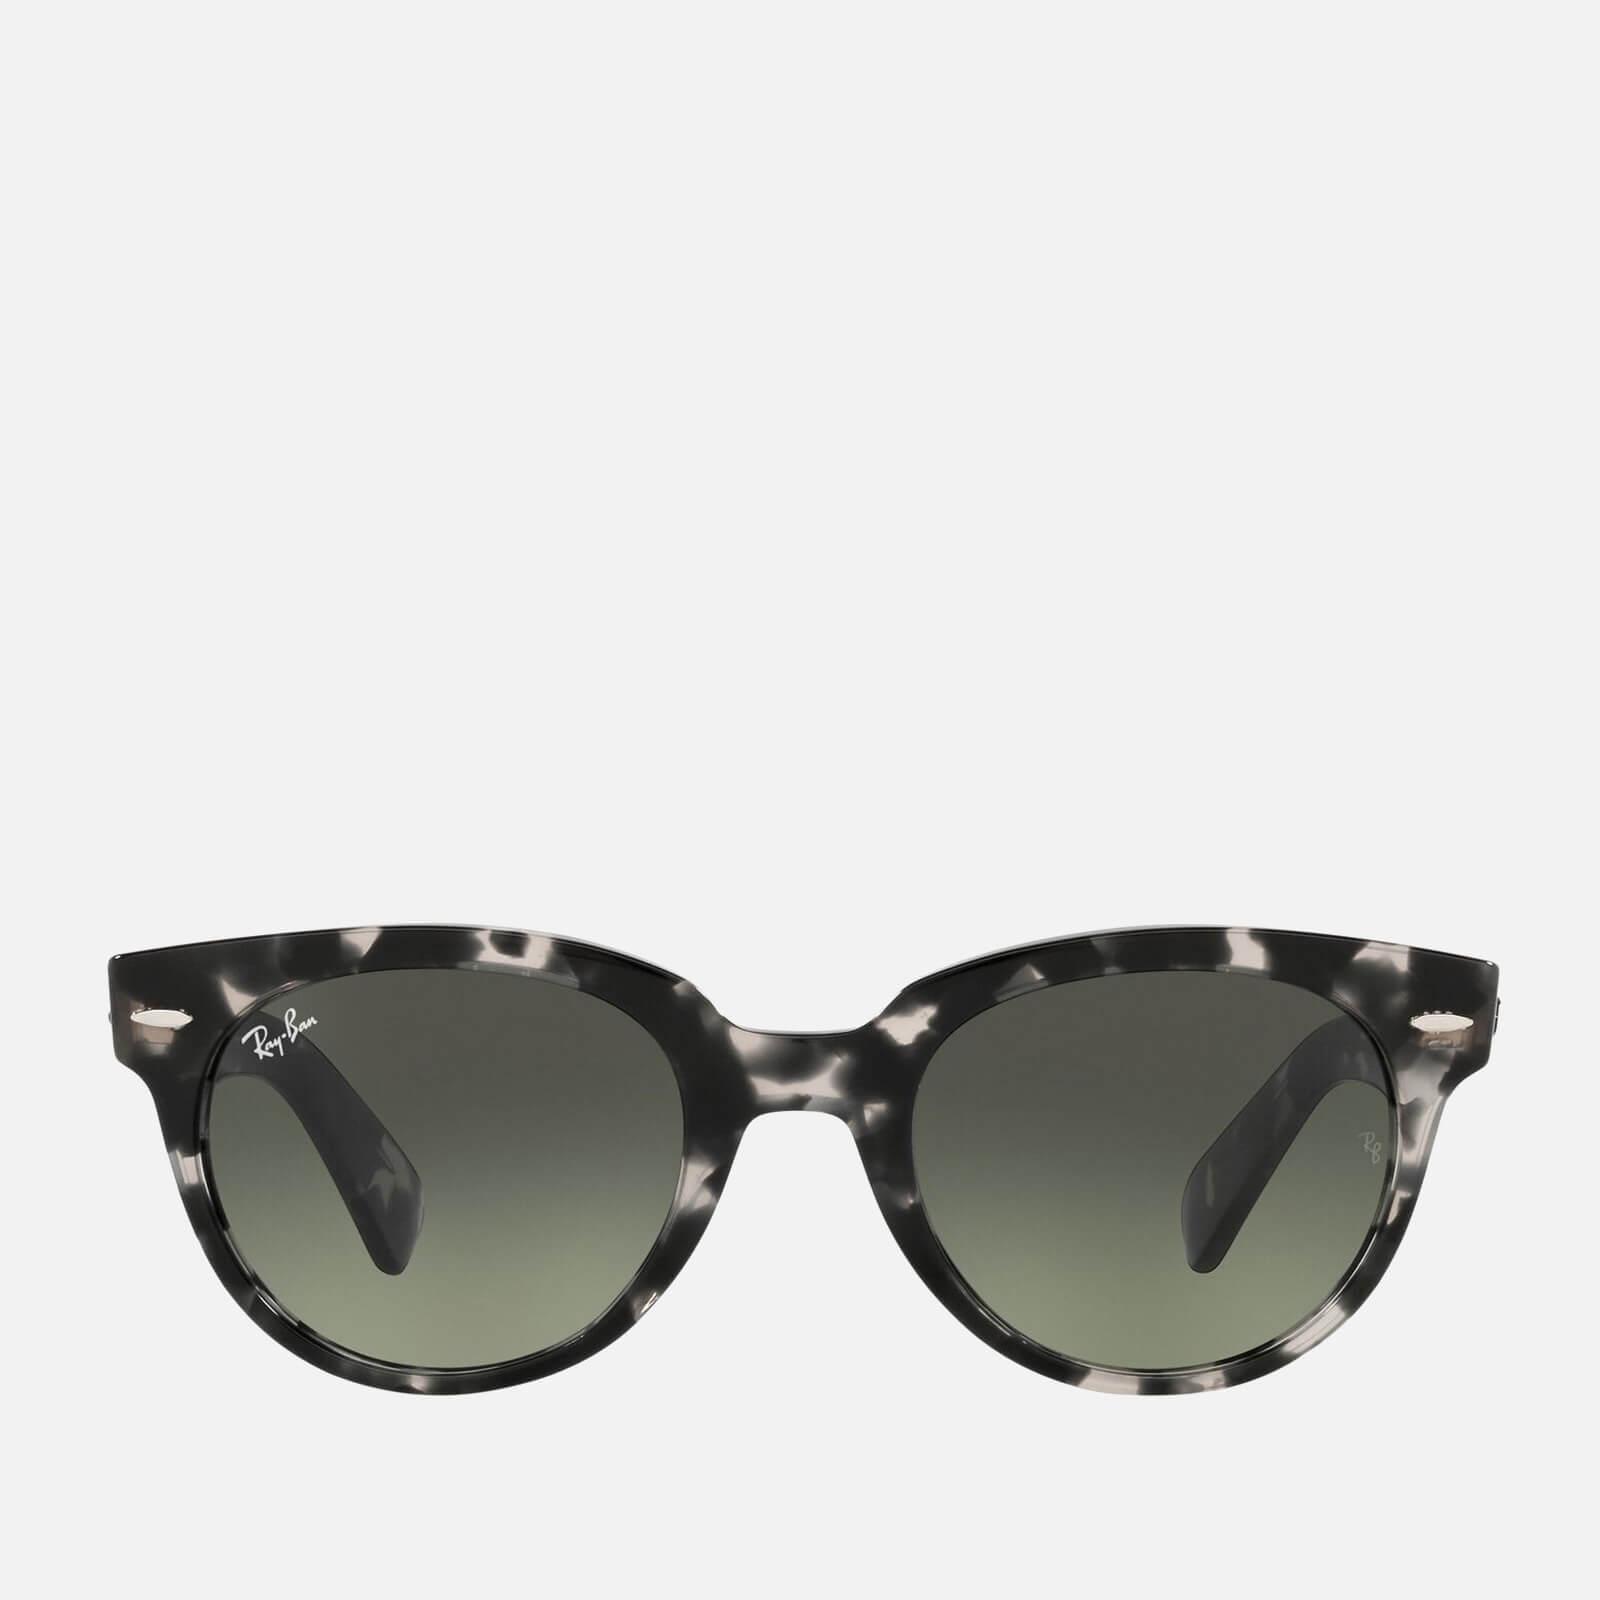 Ray-Ban Women's Orion Round Tortoiseshell Sunglasses - Grey